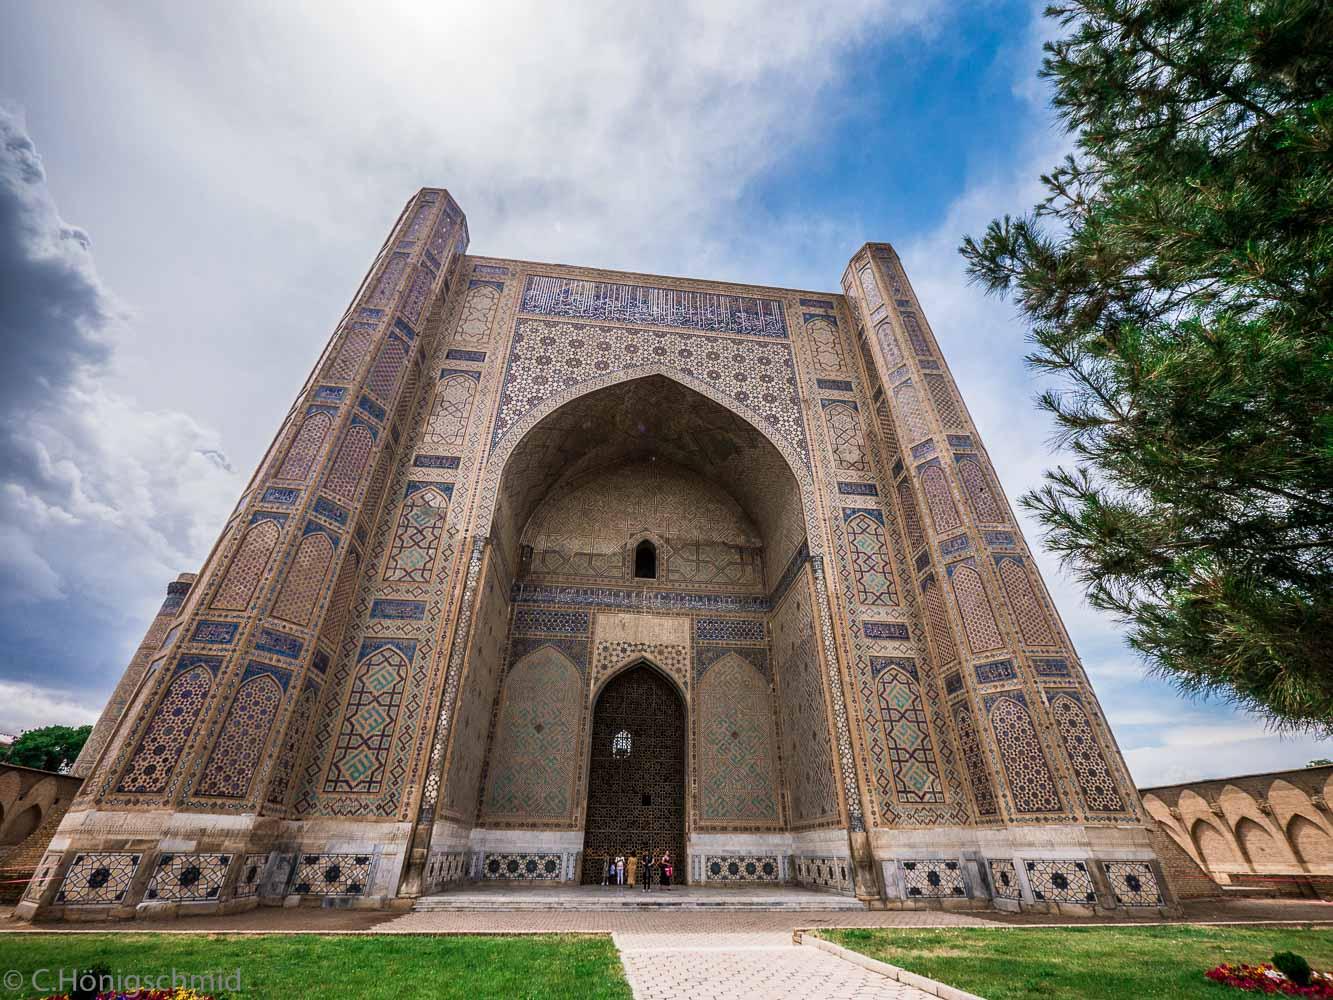 Usbekistan 2014 (35 von 53)-35